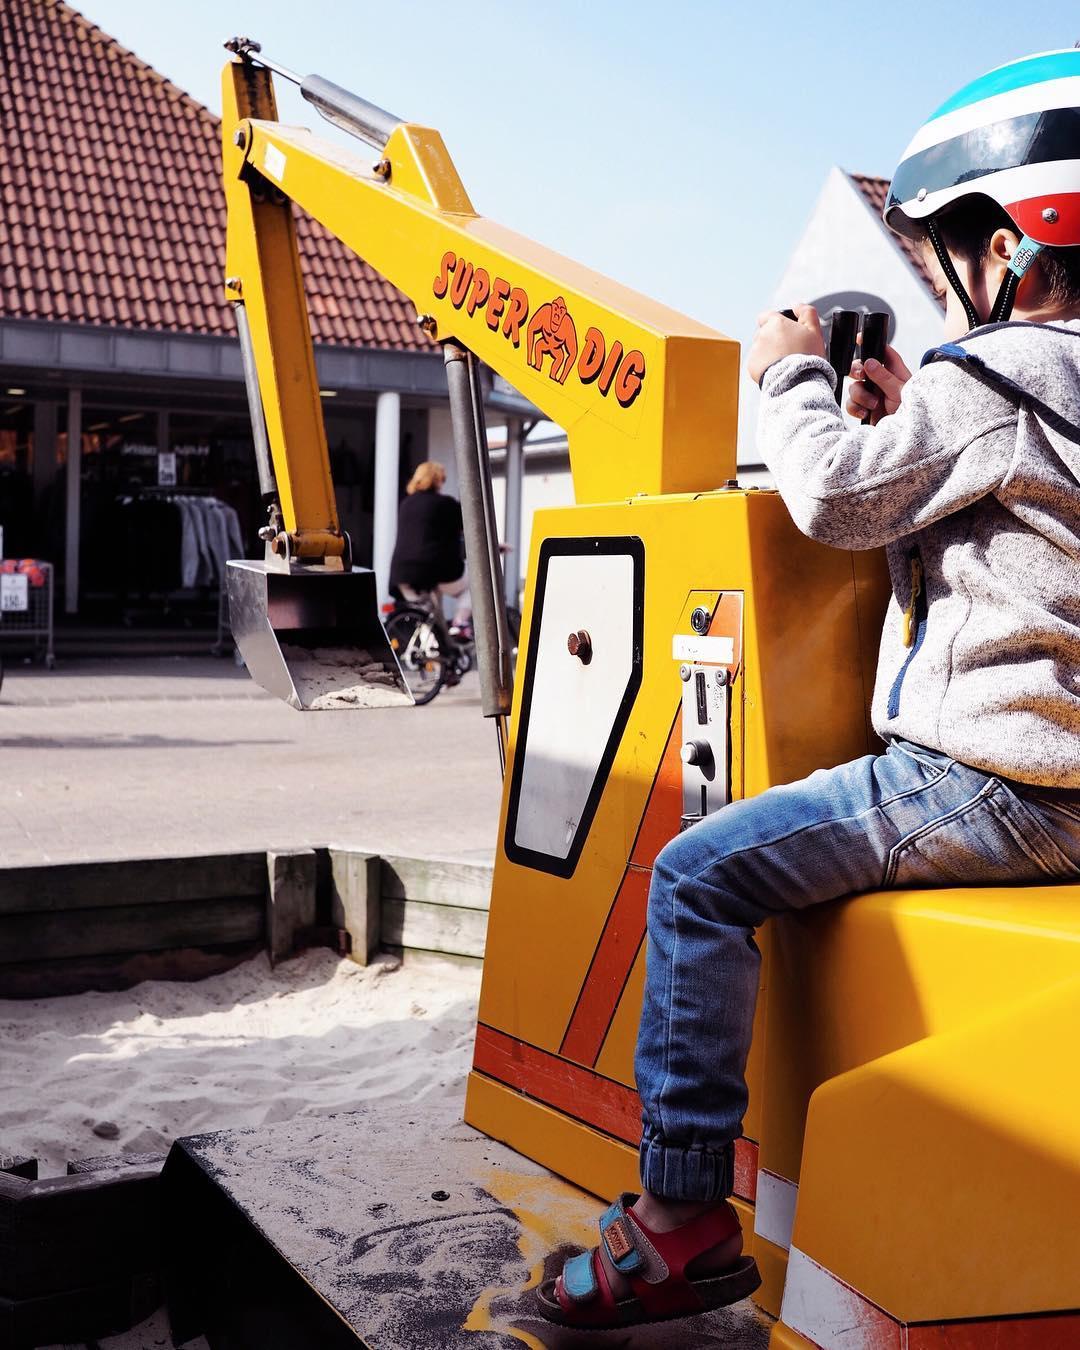 Familienurlaub in Dänemark - Henne Strand mit Kindern